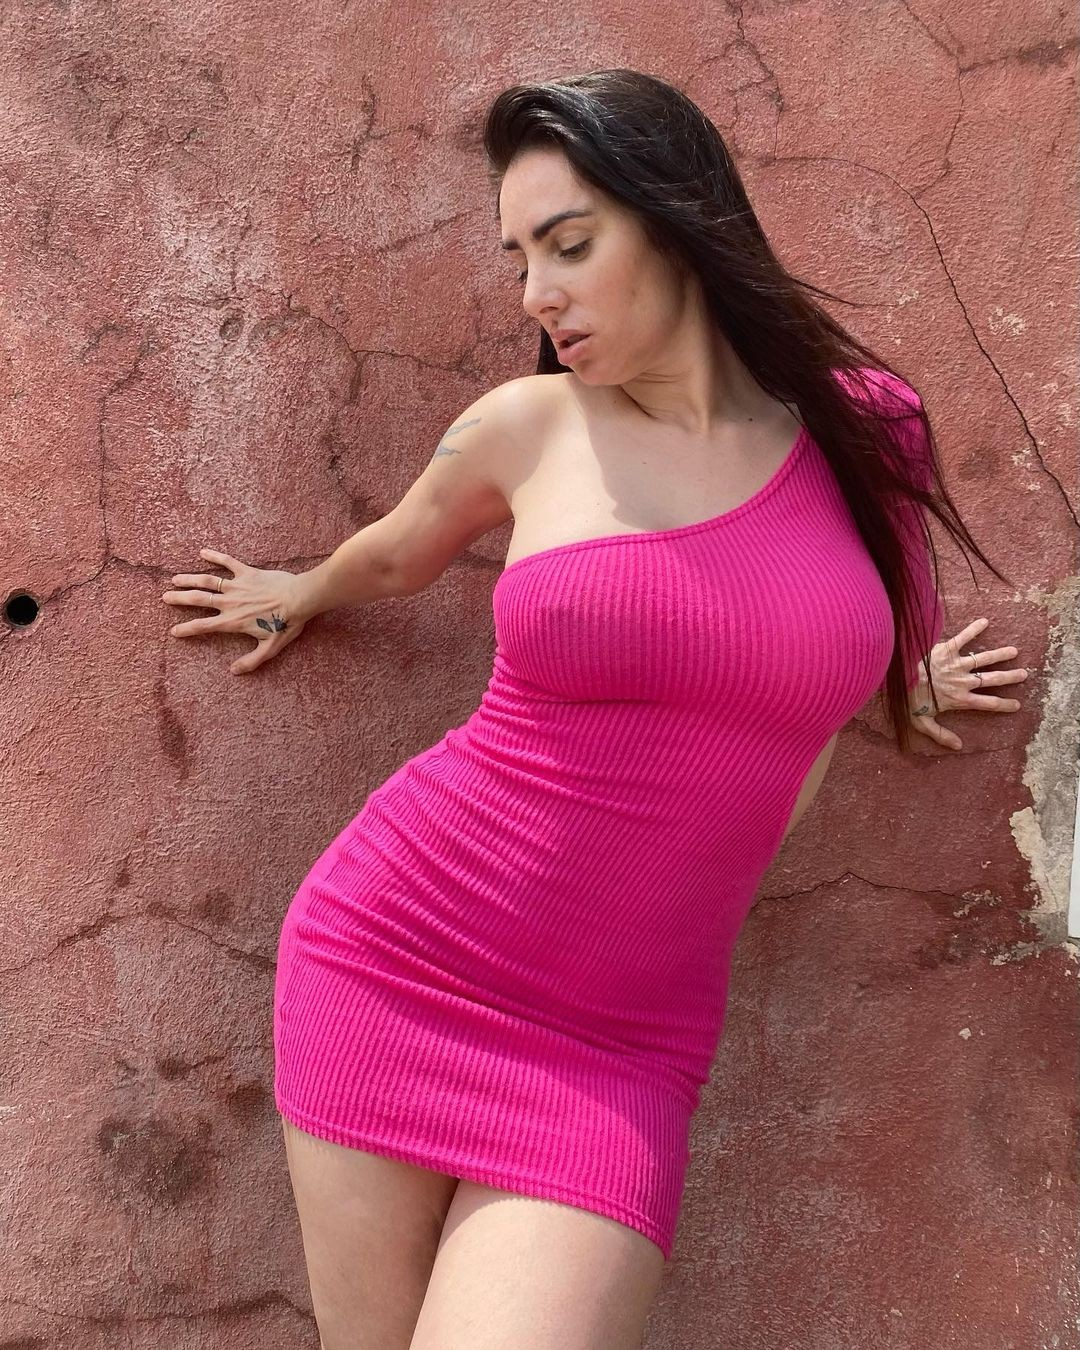 Nackt Mala Rodriguez  images.tinydeal.com: over